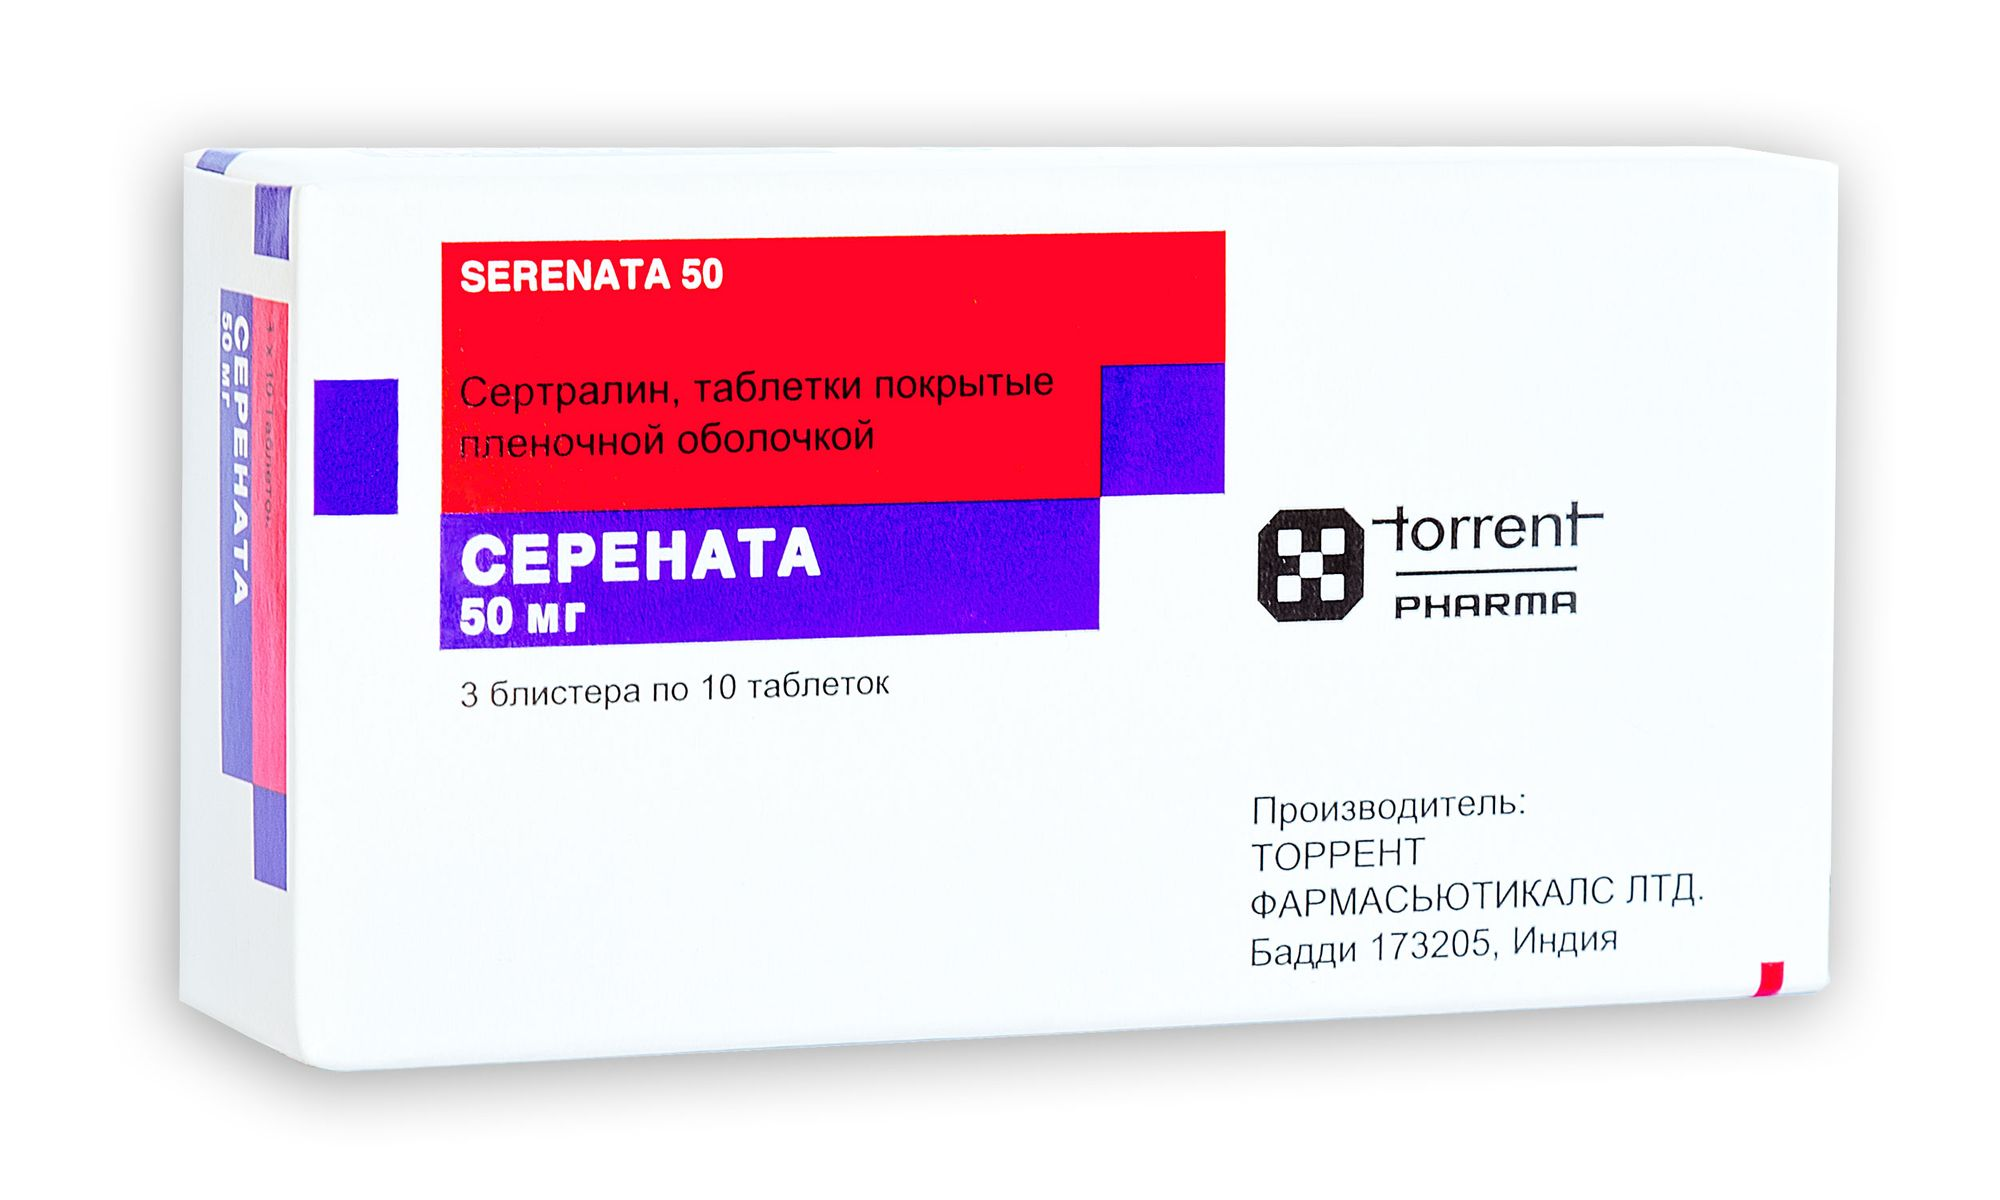 Вальдоксан: инструкция по применению, аналоги и отзывы, цены в аптеках россии